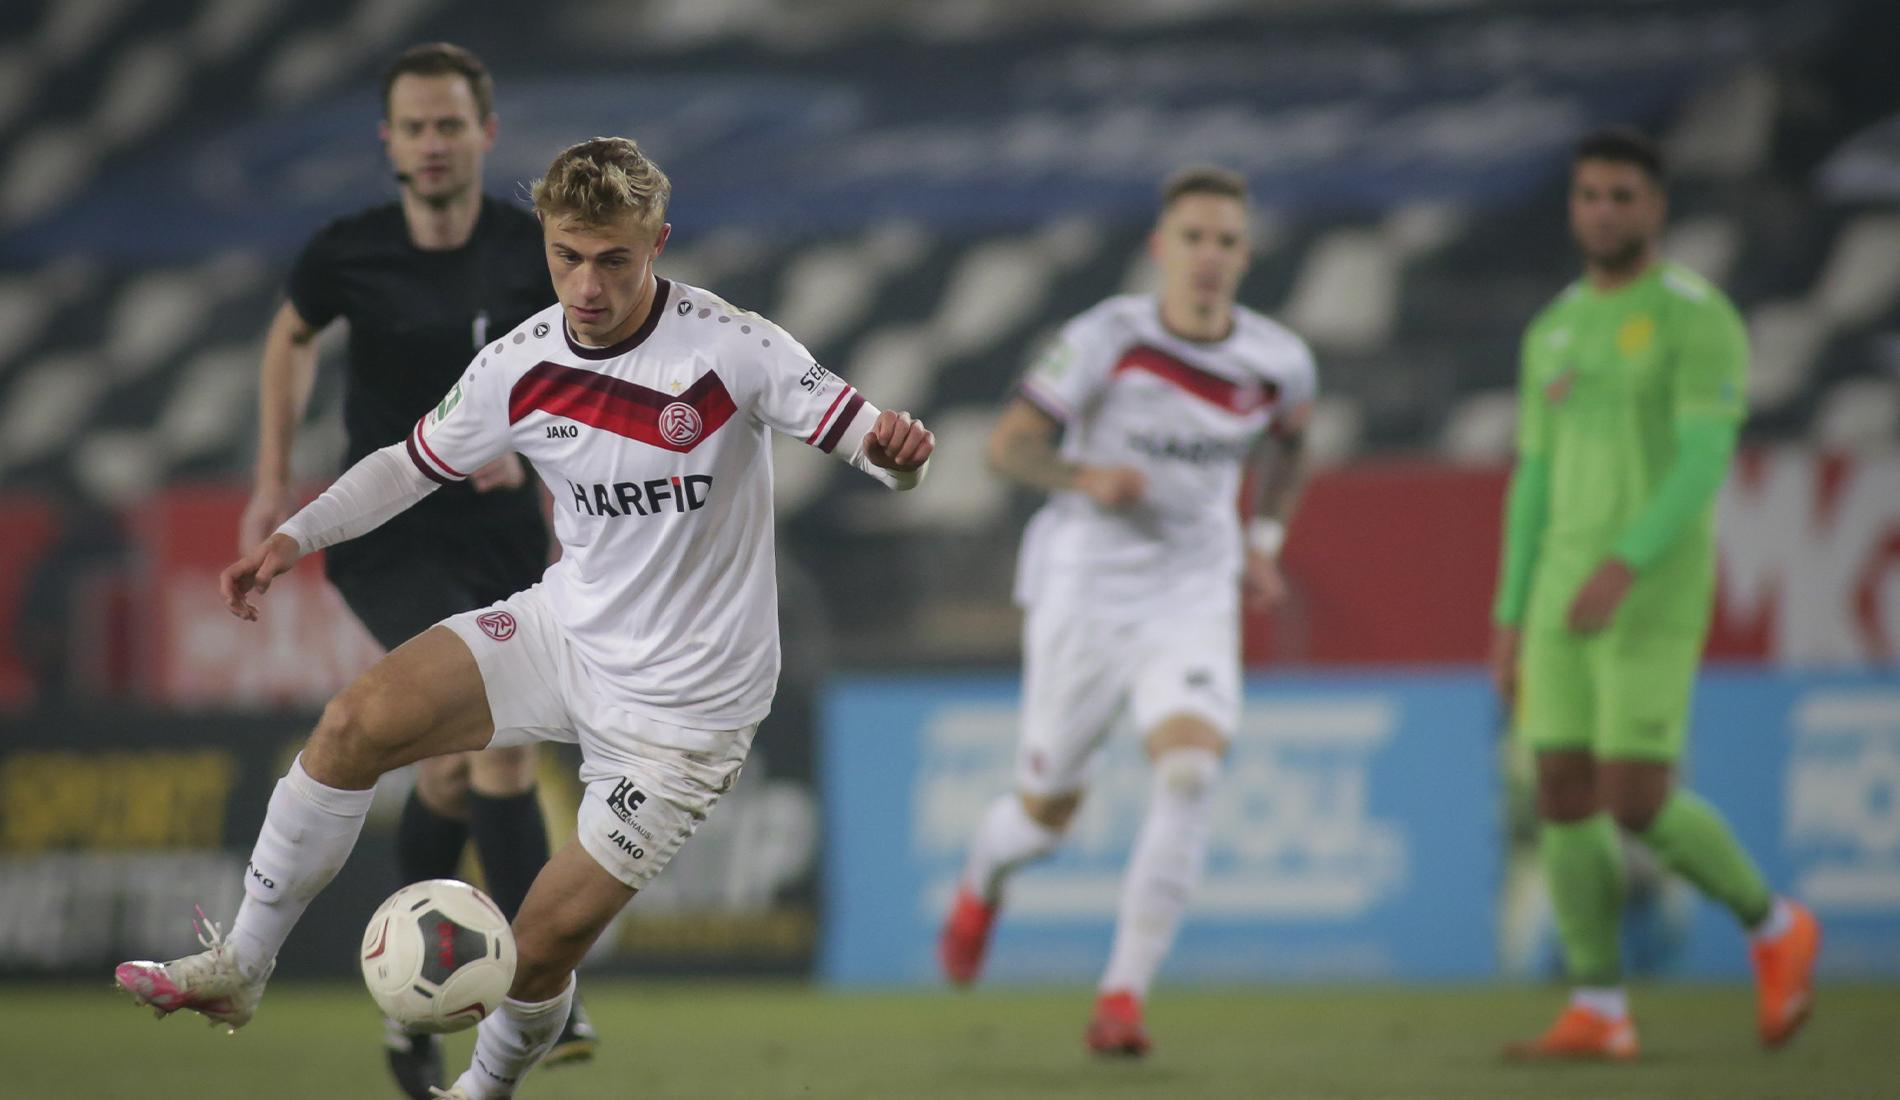 Kennt die Werkself: Cedric Harenbrock hat neun lange Jahre das Trikot der Leverkusener getragen. (Foto: Endberg)